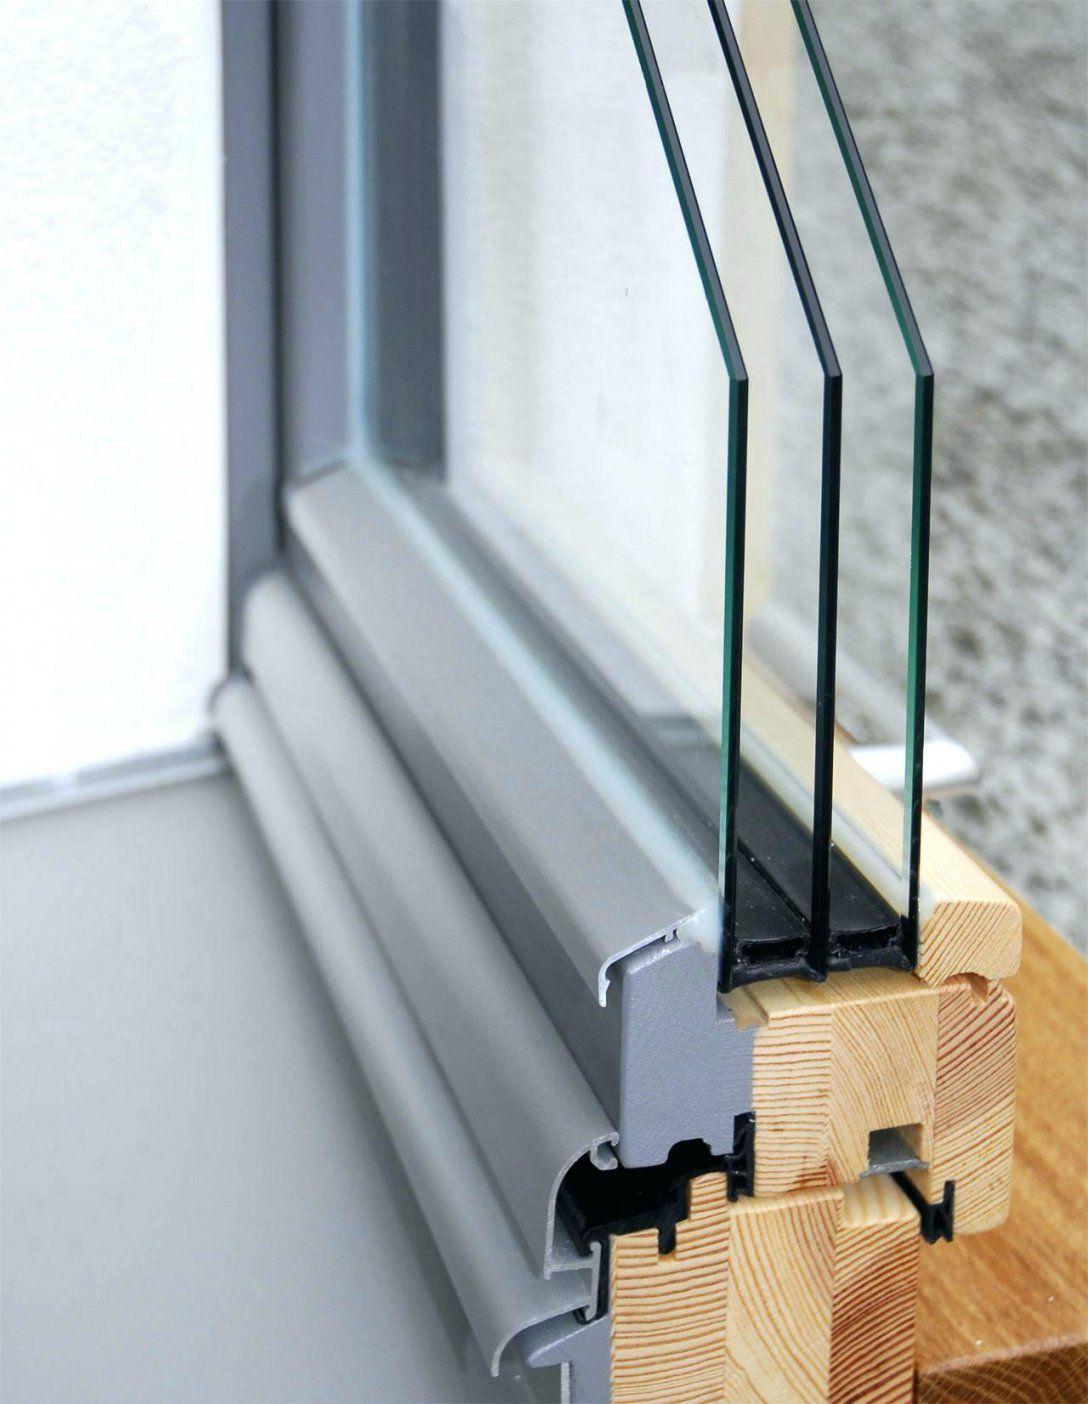 Dachfenster 3 Fach Verglasung Kunststoff Fenster 2 Oder Verglast von 3 Fach Verglasung Kosten Photo